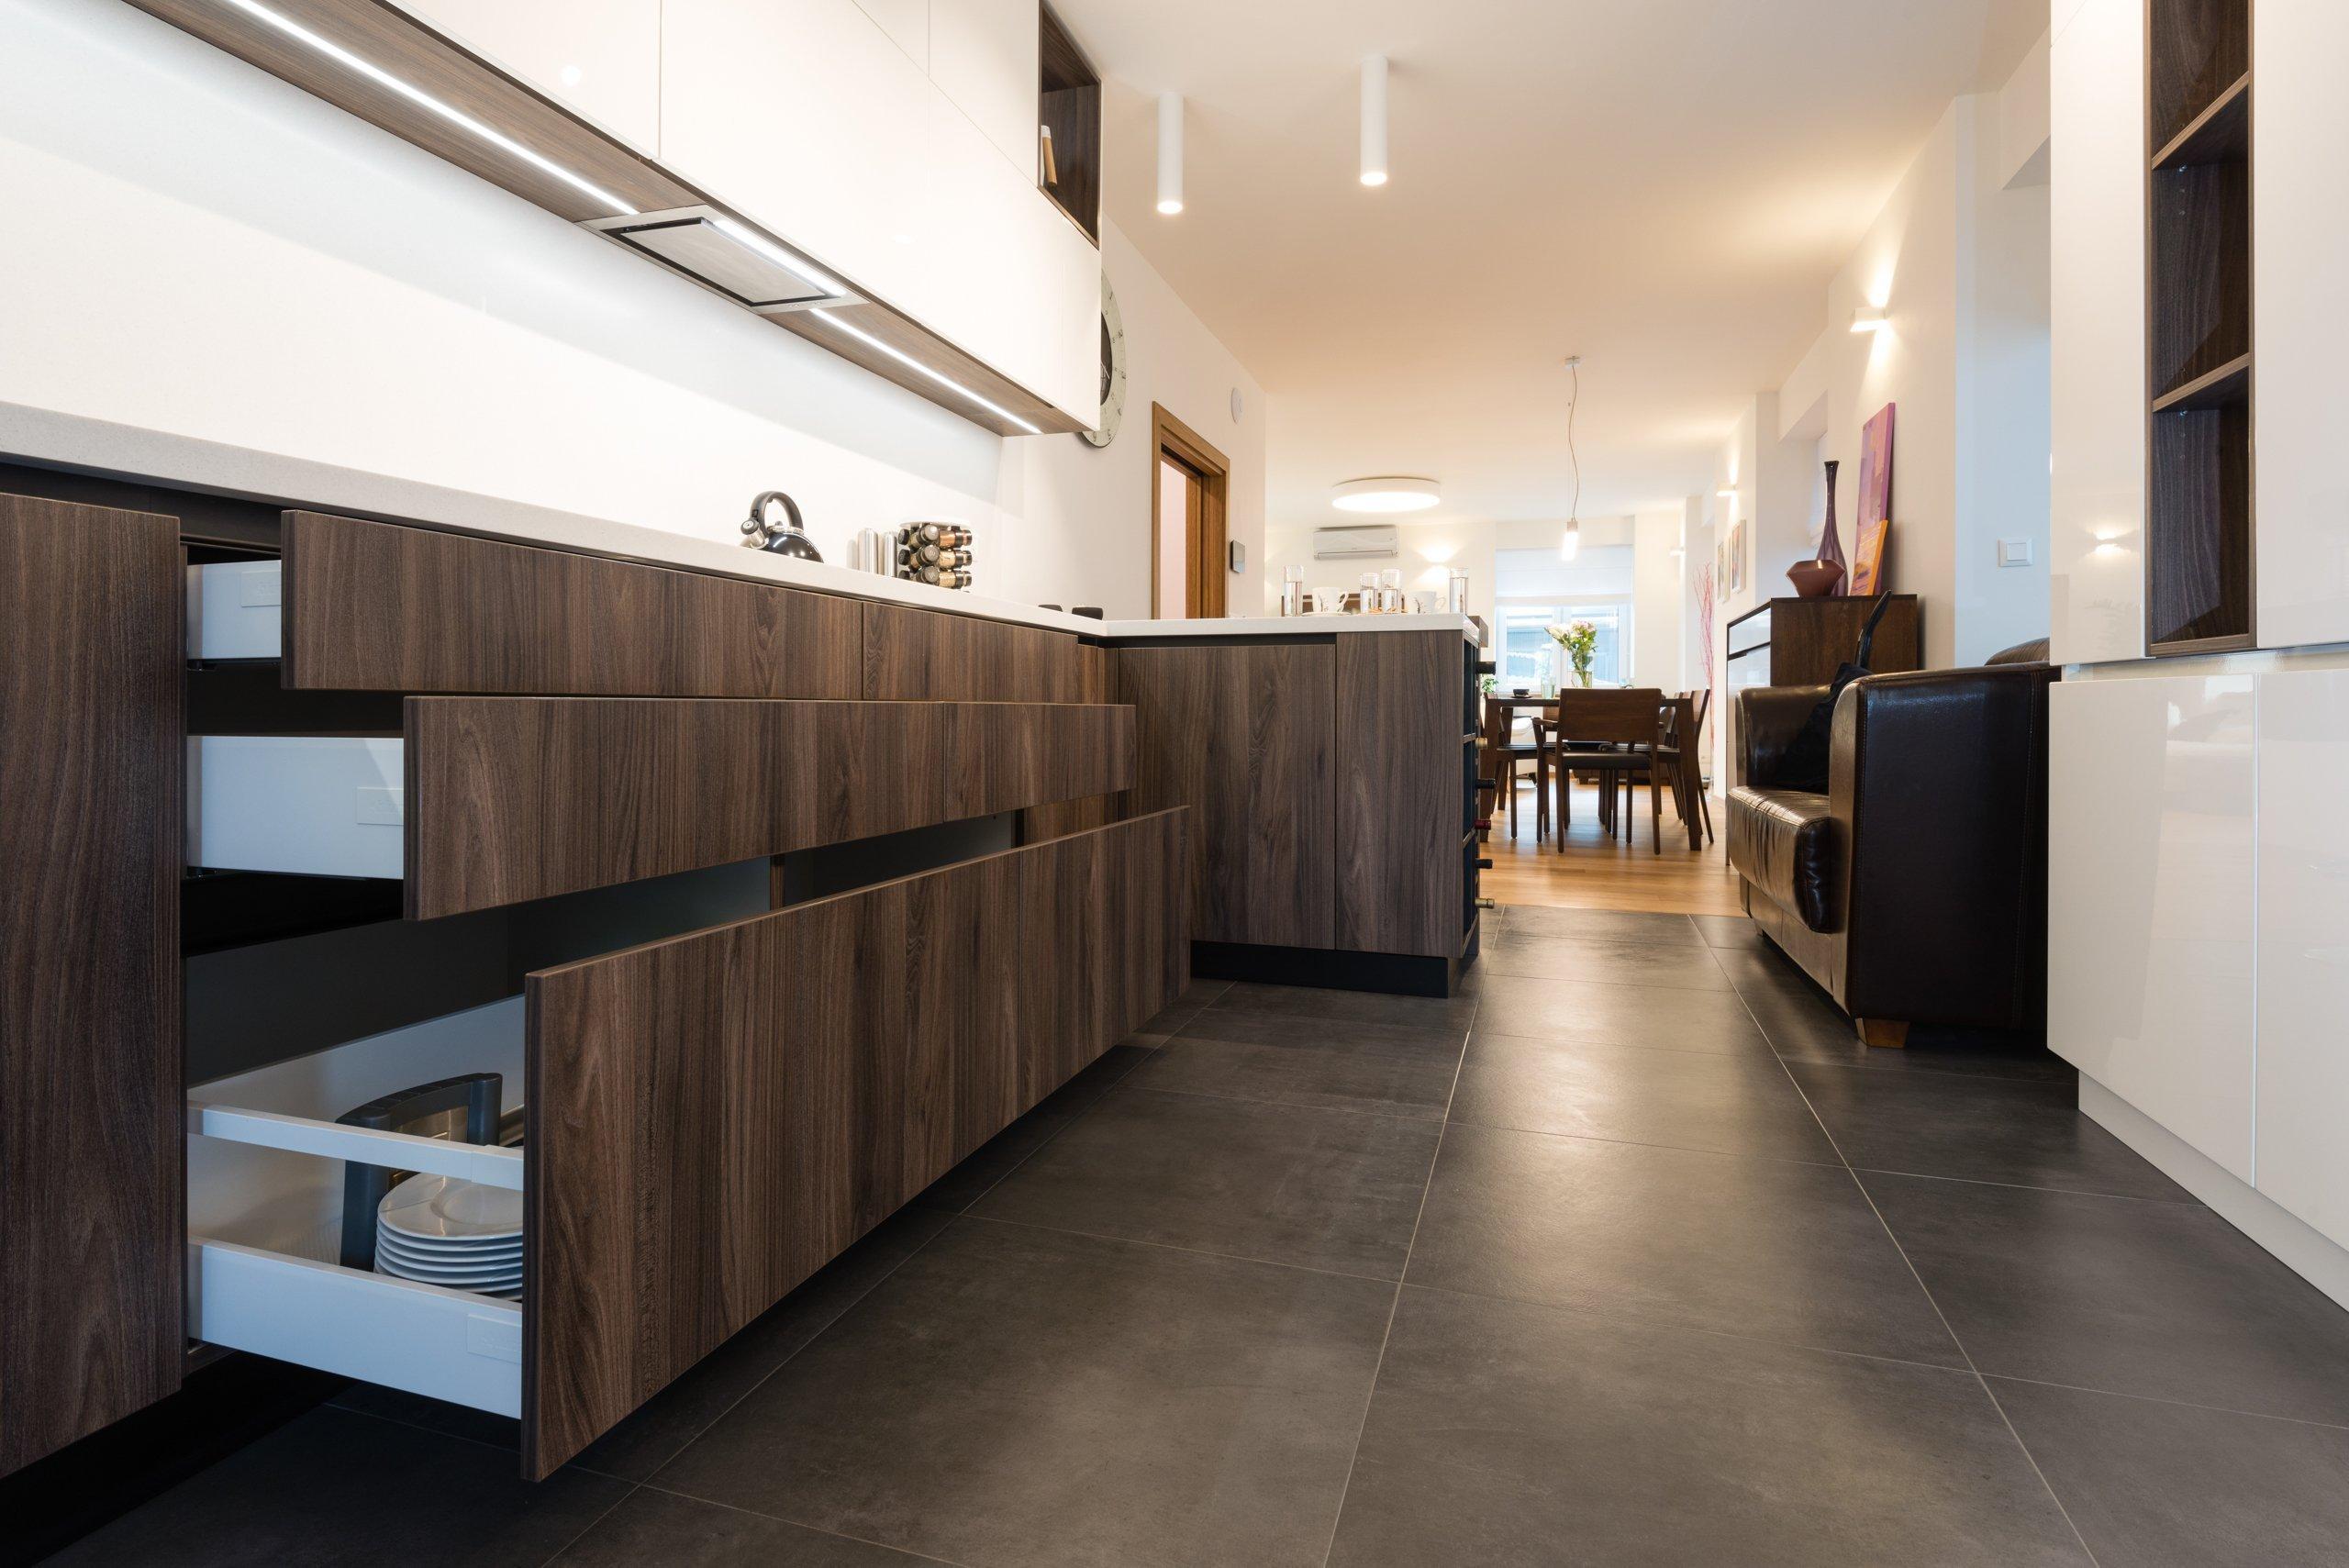 Návrh a realizácia FHA - FullHouse Architecture - naša ďalšia úspešná realizácia interiéru rekonštruovaného rodinného domu v Bratislave. Majiteľom prajeme…